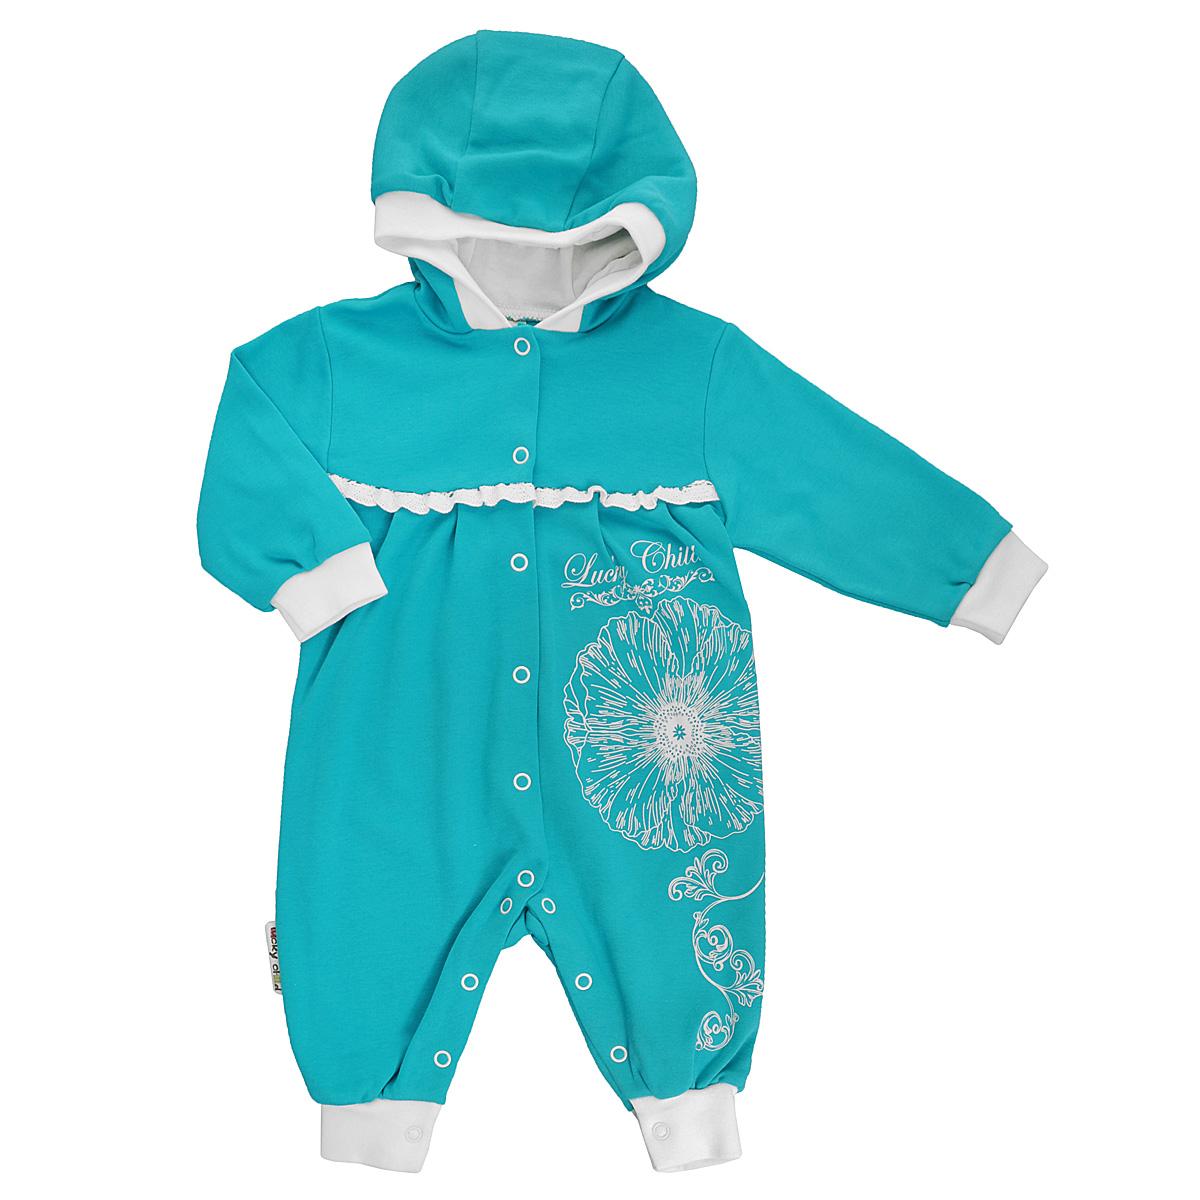 Комбинезон для девочки Lucky Child, цвет: бирюзовый, молочный. 14-3. Размер 74/8014-3Детский комбинезон для девочки Lucky Child - очень удобный и практичный вид одежды для малышей. Комбинезон выполнен из натурального хлопка, благодаря чему он необычайно мягкий и приятный на ощупь, не раздражает нежную кожу ребенка и хорошо вентилируется, а эластичные швы приятны телу малышки и не препятствуют ее движениям. Комбинезон с капюшоном, длинными рукавами и открытыми ножками имеет застежки-кнопки от горловины и по всей длине, которые помогают легко переодеть младенца или сменить подгузник. Низ рукавов и низ штанин дополнены широкими трикотажными манжетами. На груди модель украшена ажурными рюшами. Оформлена модель оригинальны принтом в виде цветка, узоров и принтовой надписью с названием бренда. С детским комбинезоном Lucky Child спинка и ножки вашей малышки всегда будут в тепле, он идеален для использования днем и незаменим ночью. Комбинезон полностью соответствует особенностям жизни младенца в ранний период, не стесняя и не ограничивая его в движениях!